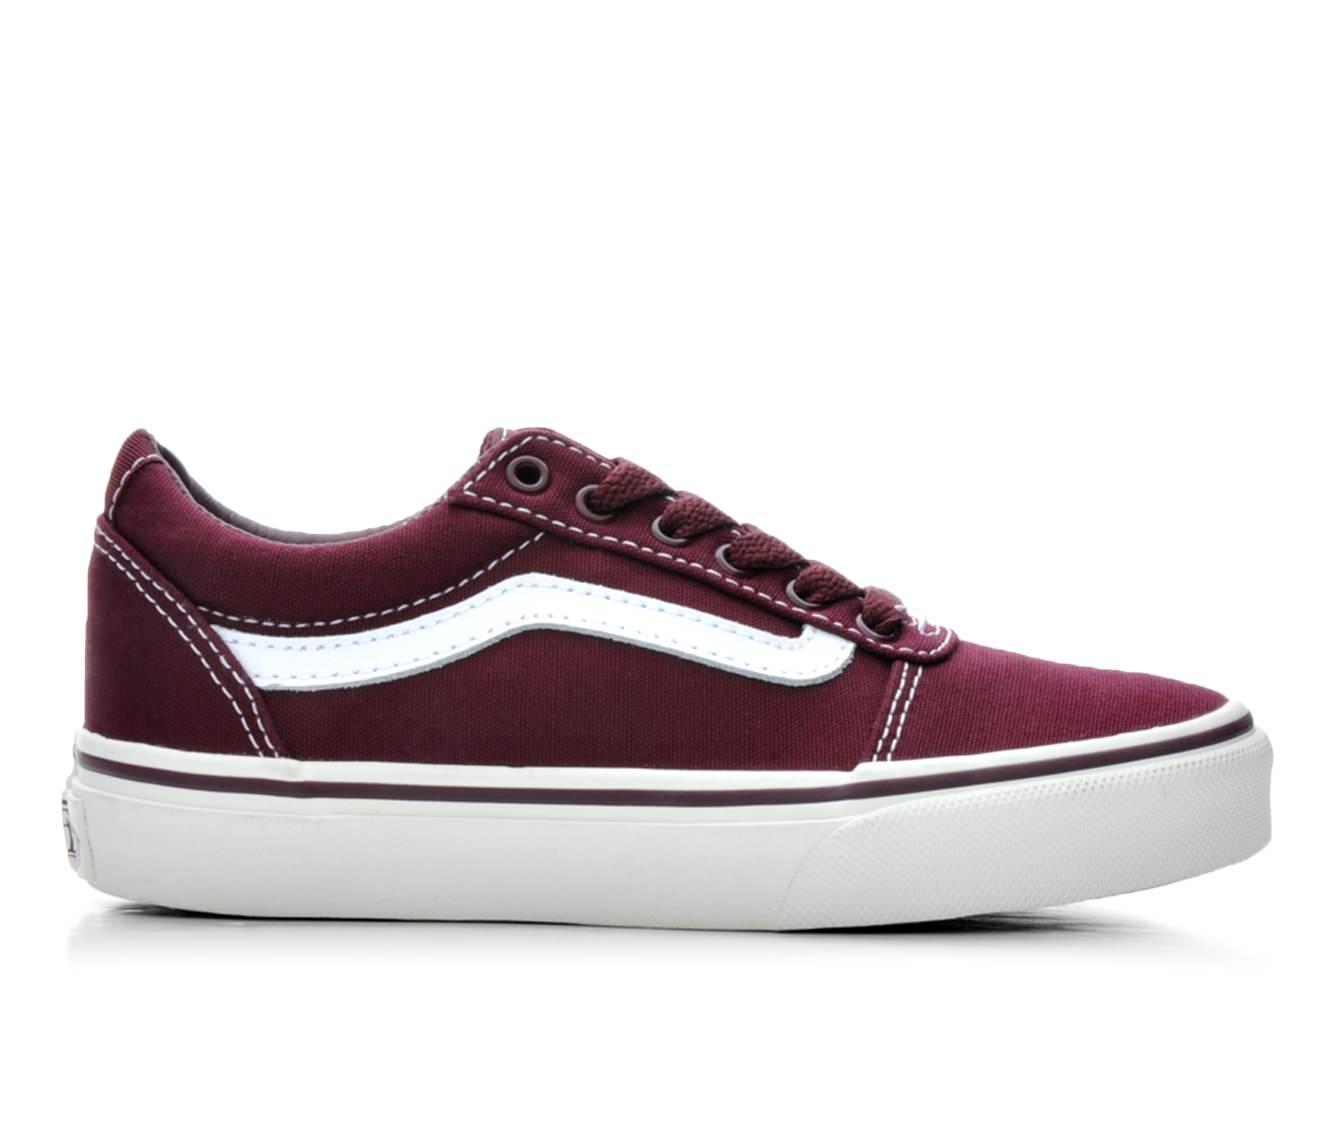 Boys' Vans Ward Sneakers (Red)